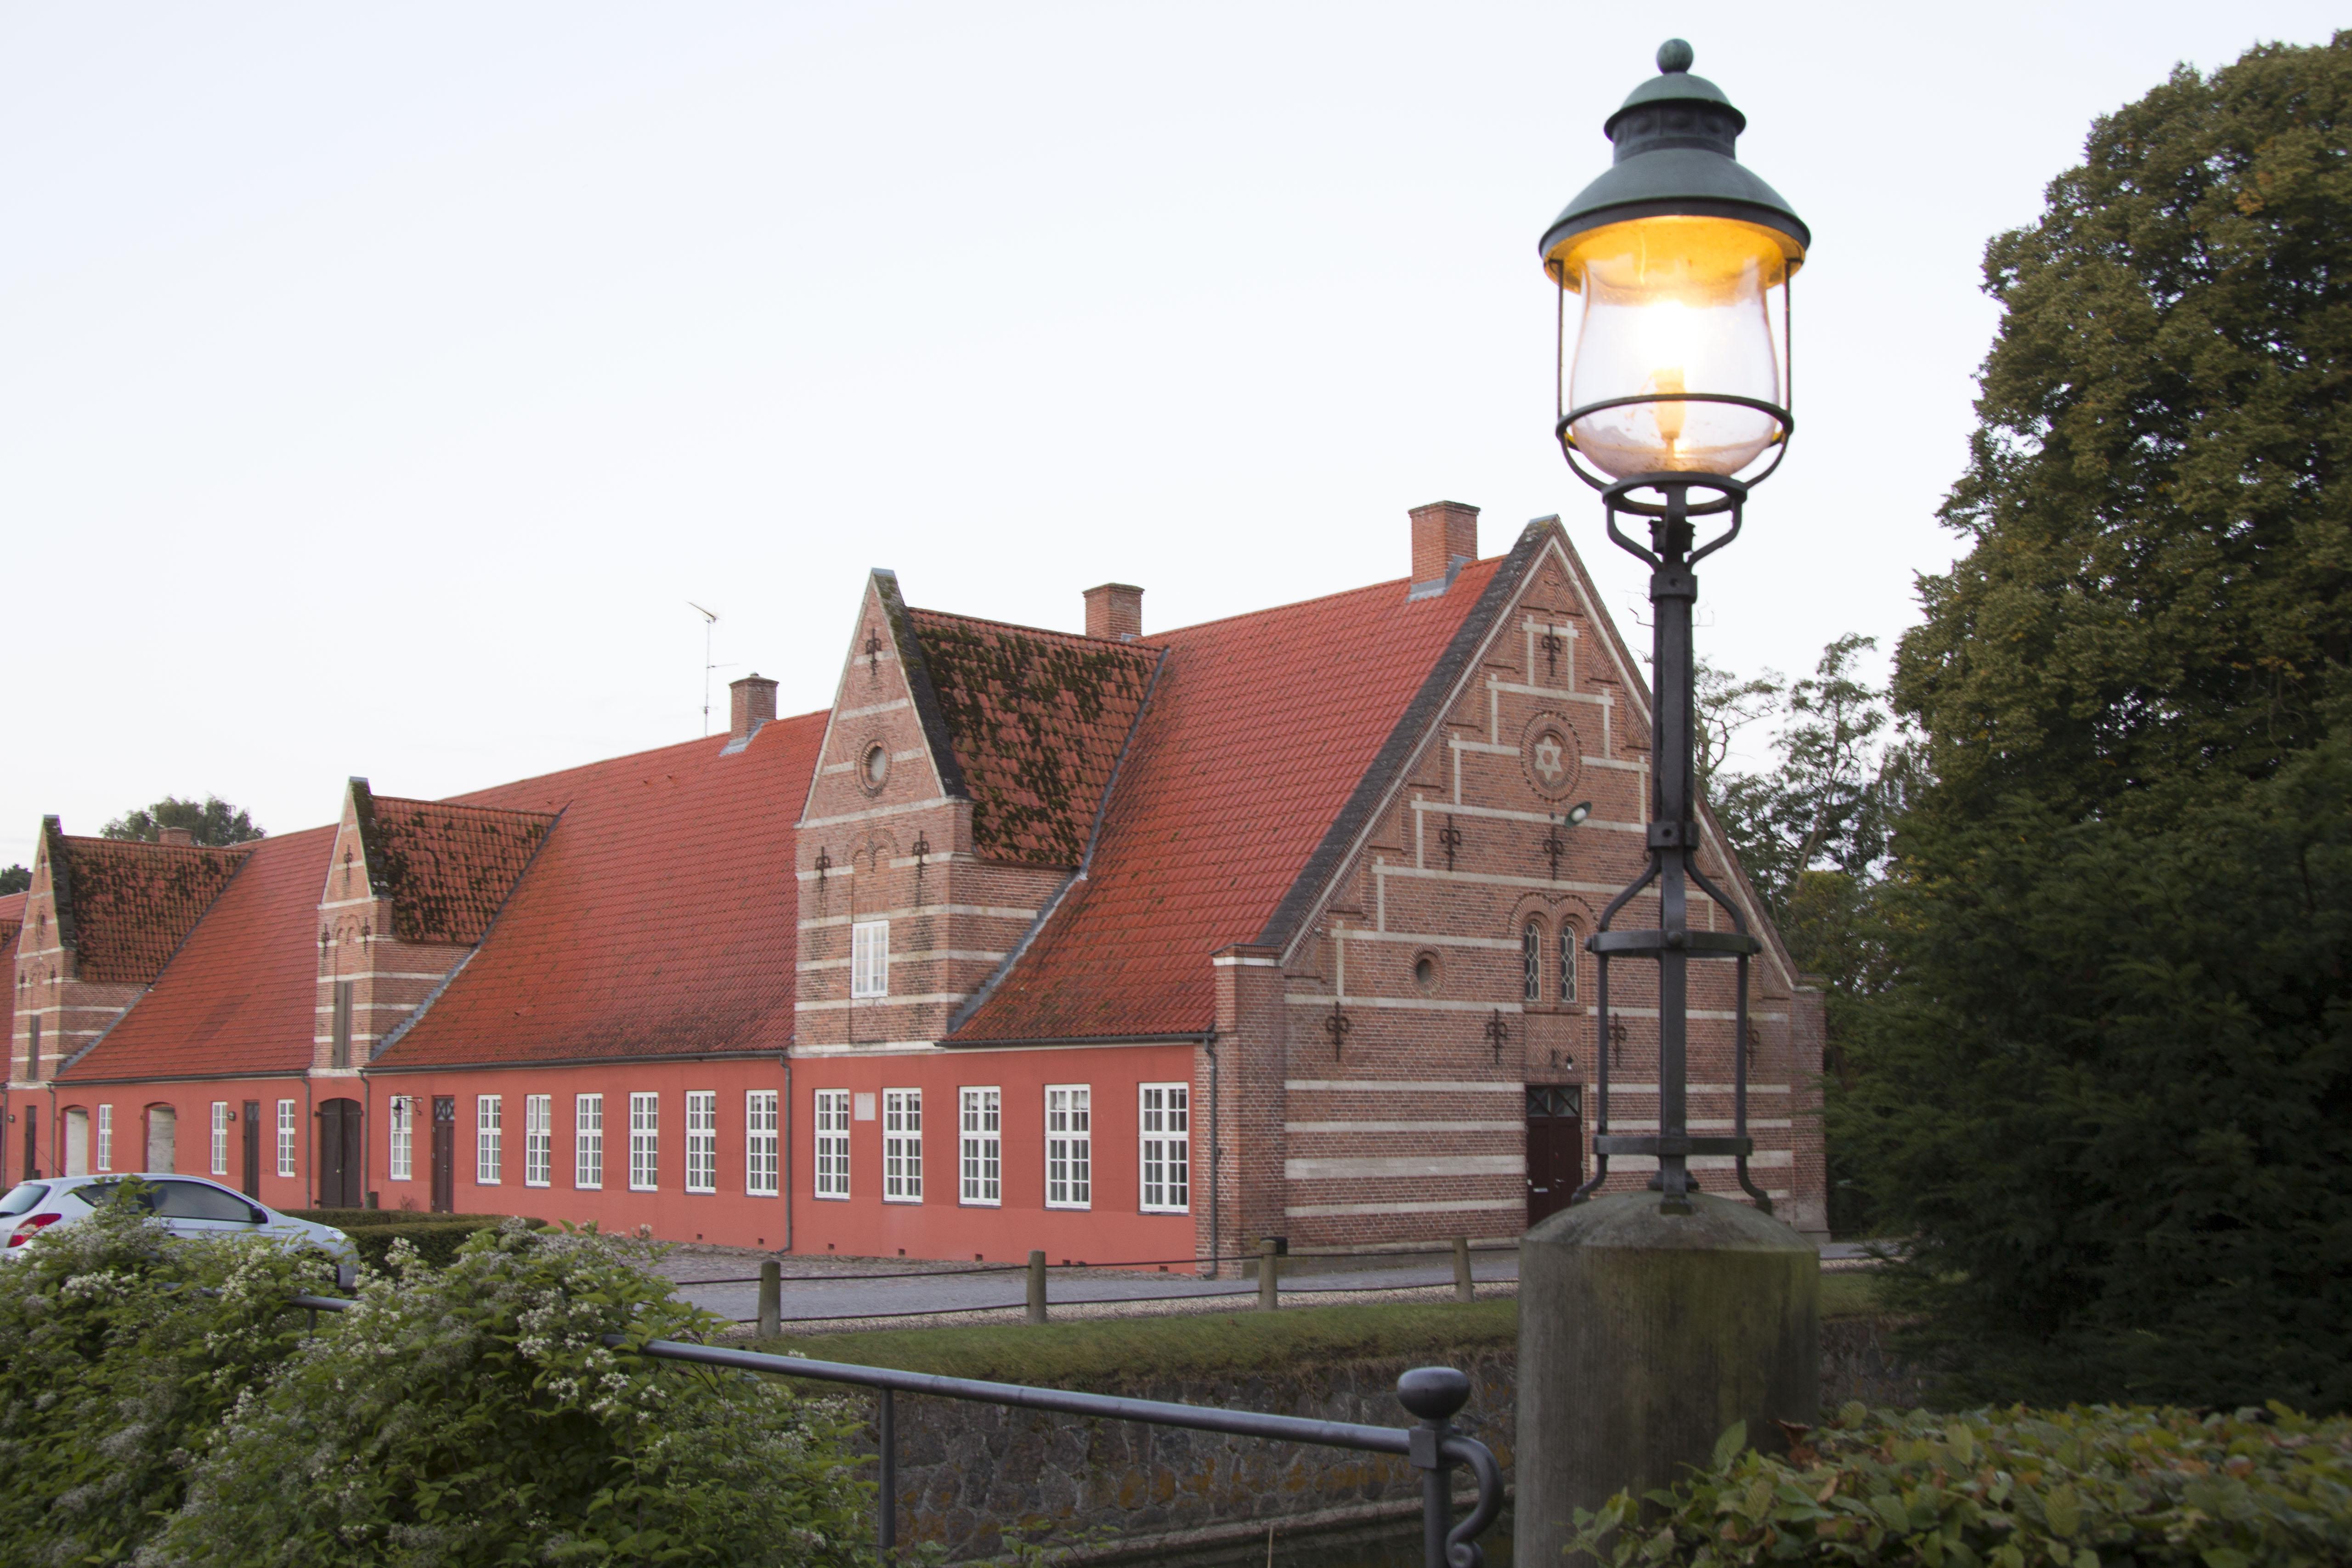 Sådan cirka den del af prins Carls længe, hvor Vemmetofte Præstegård befinder sig - Kom og besøg os!